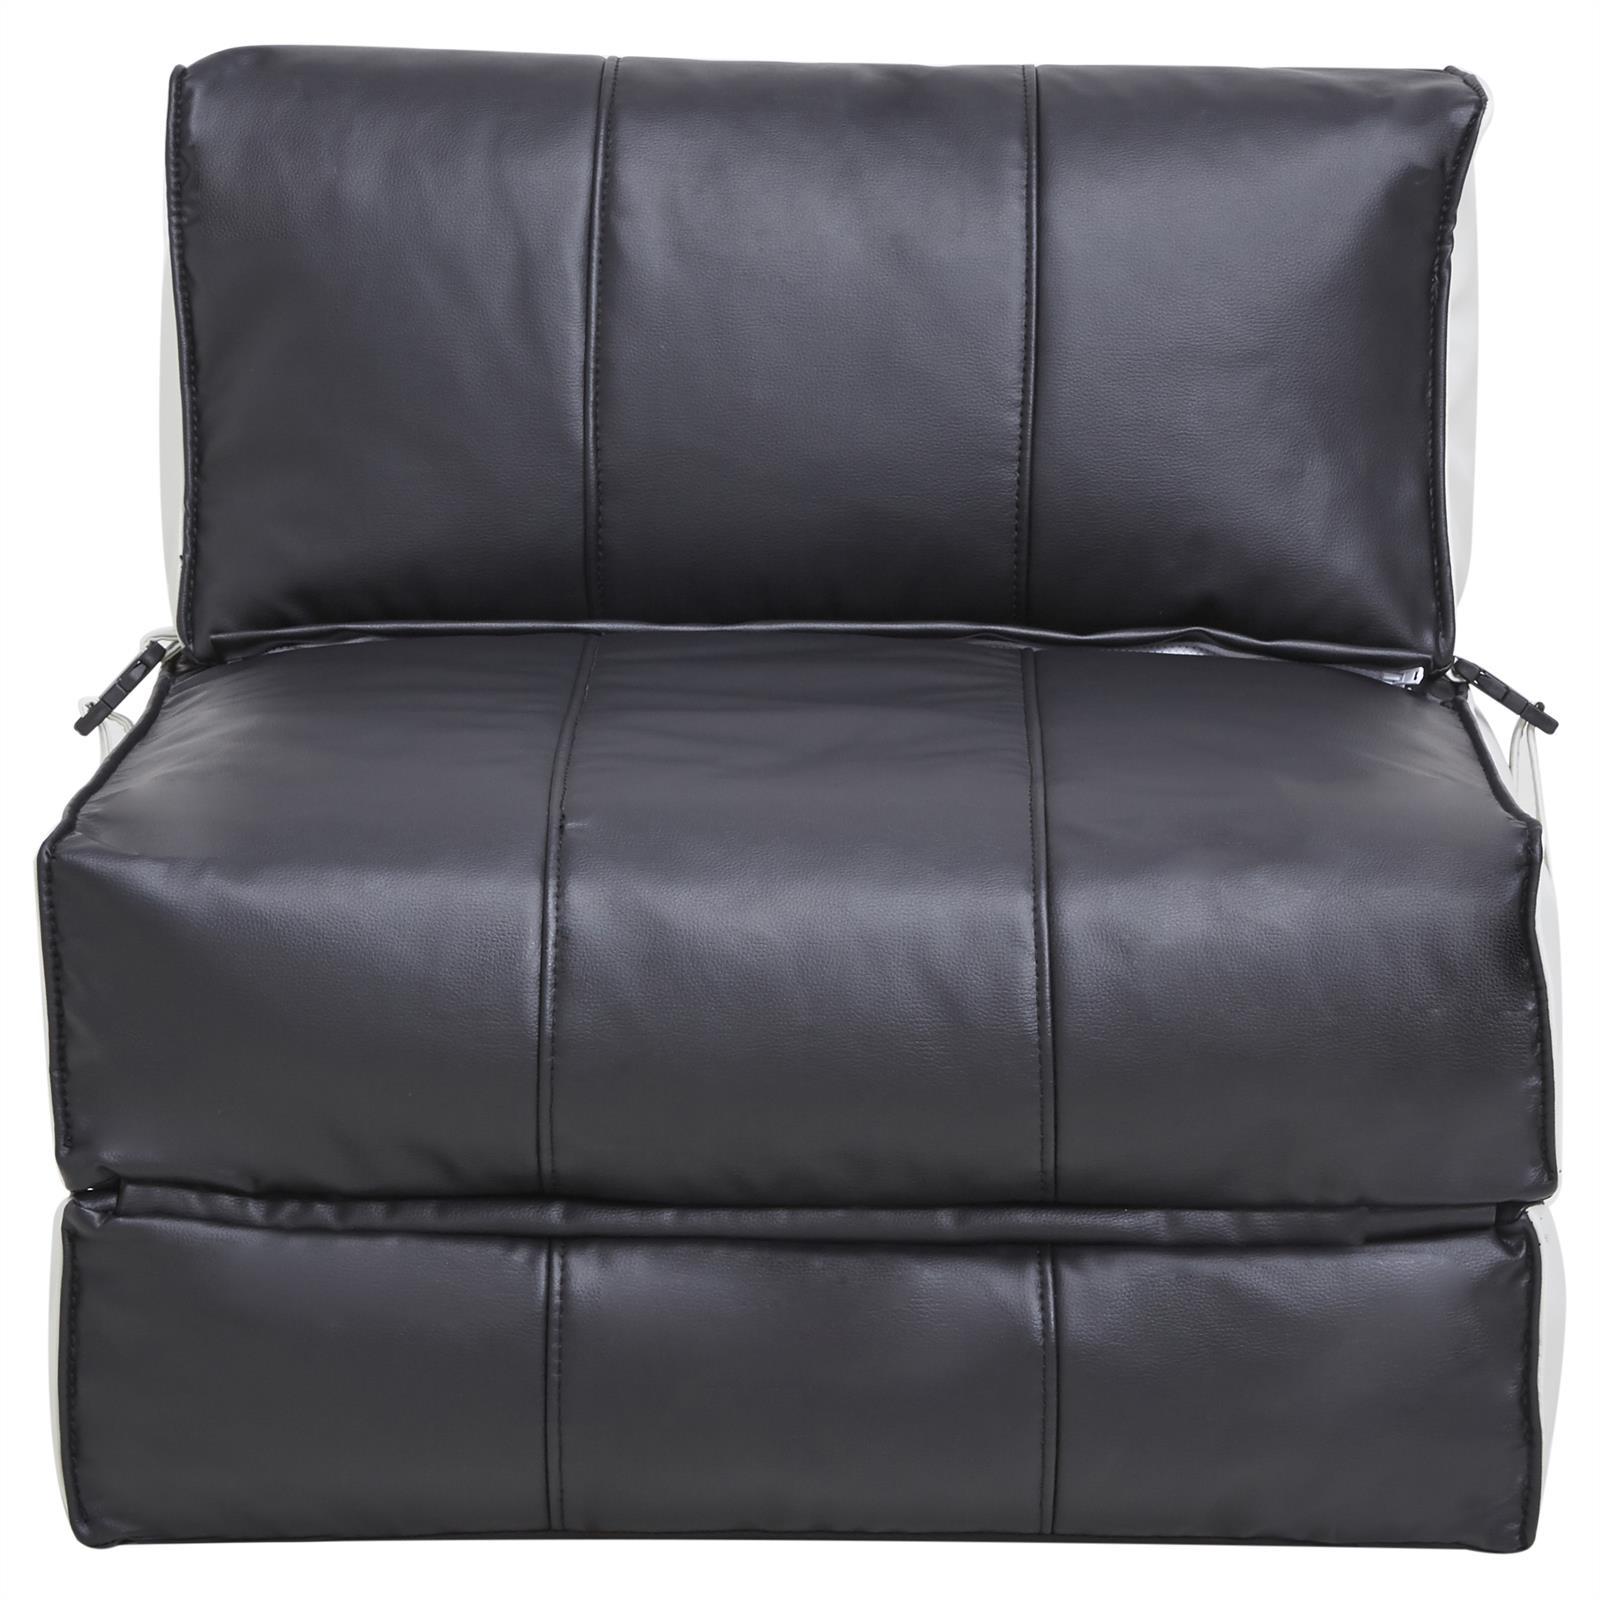 schlafsessel faltmatratze g stebett klappmatratze. Black Bedroom Furniture Sets. Home Design Ideas